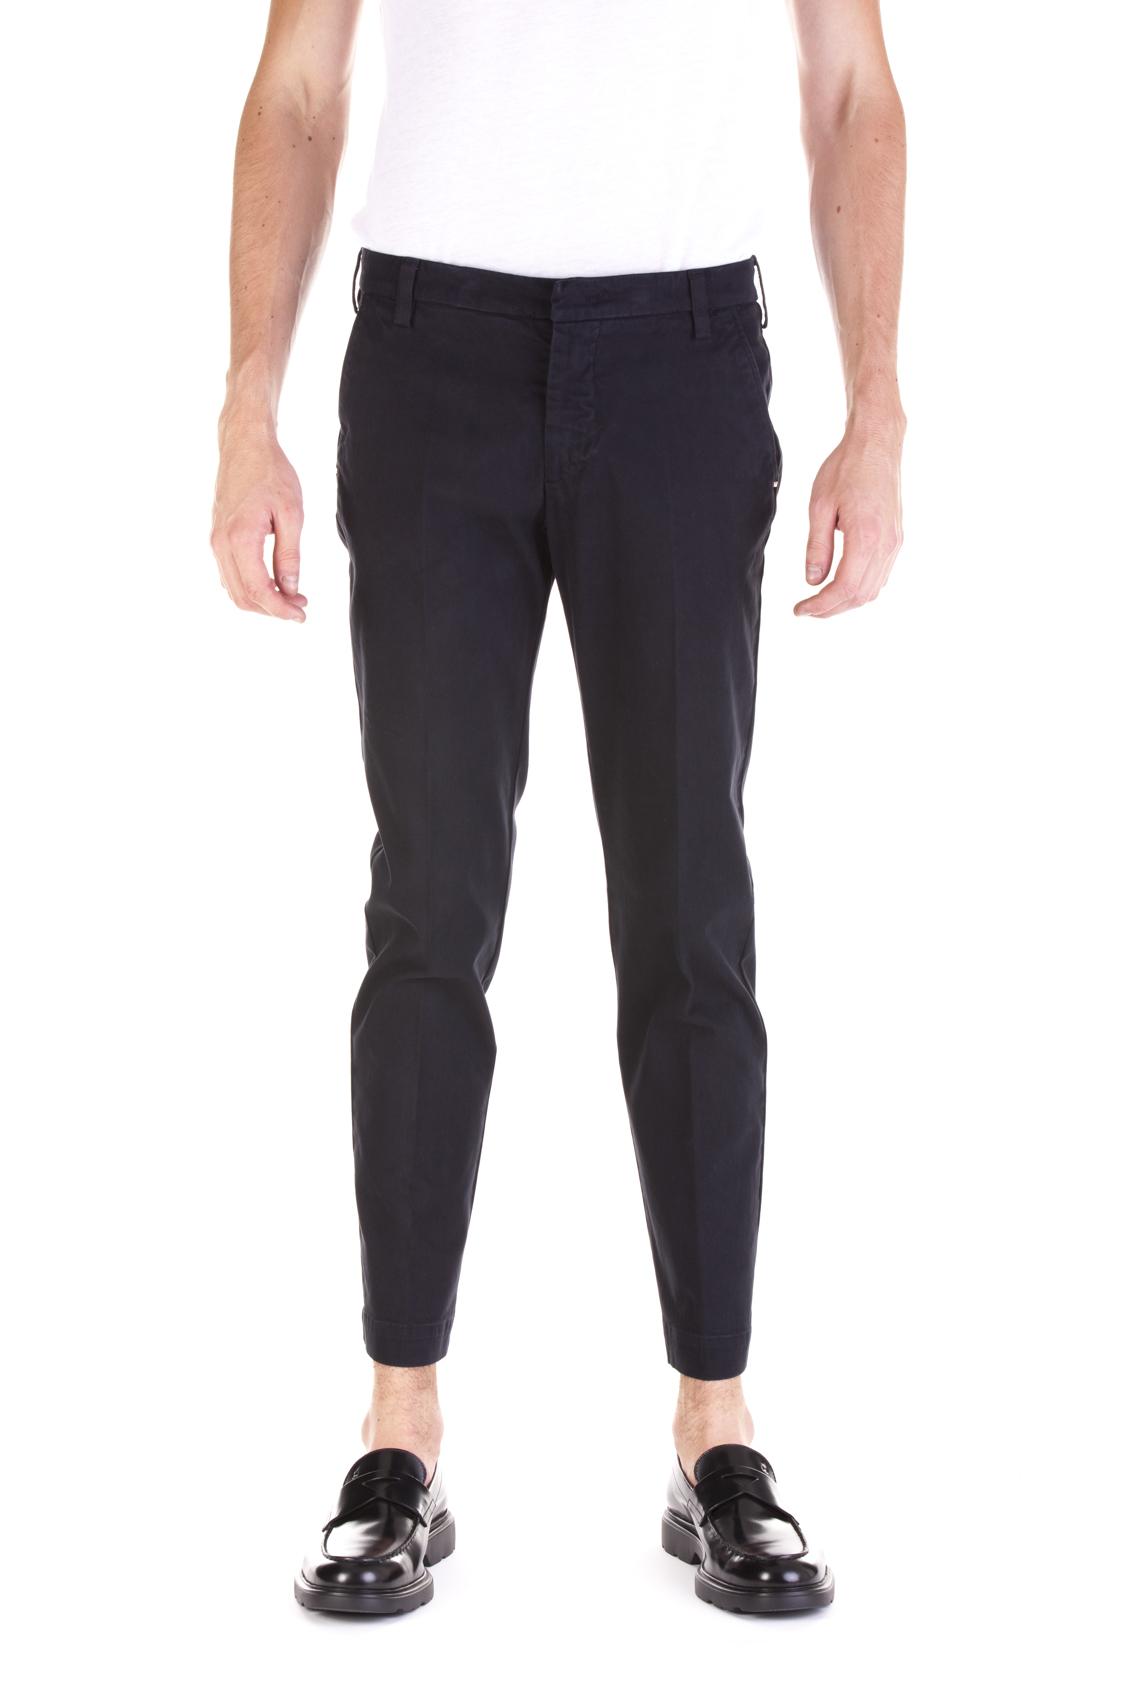 5e3066f47ddfd Home   Uomo   Abbigliamento   Pantaloni   Chino